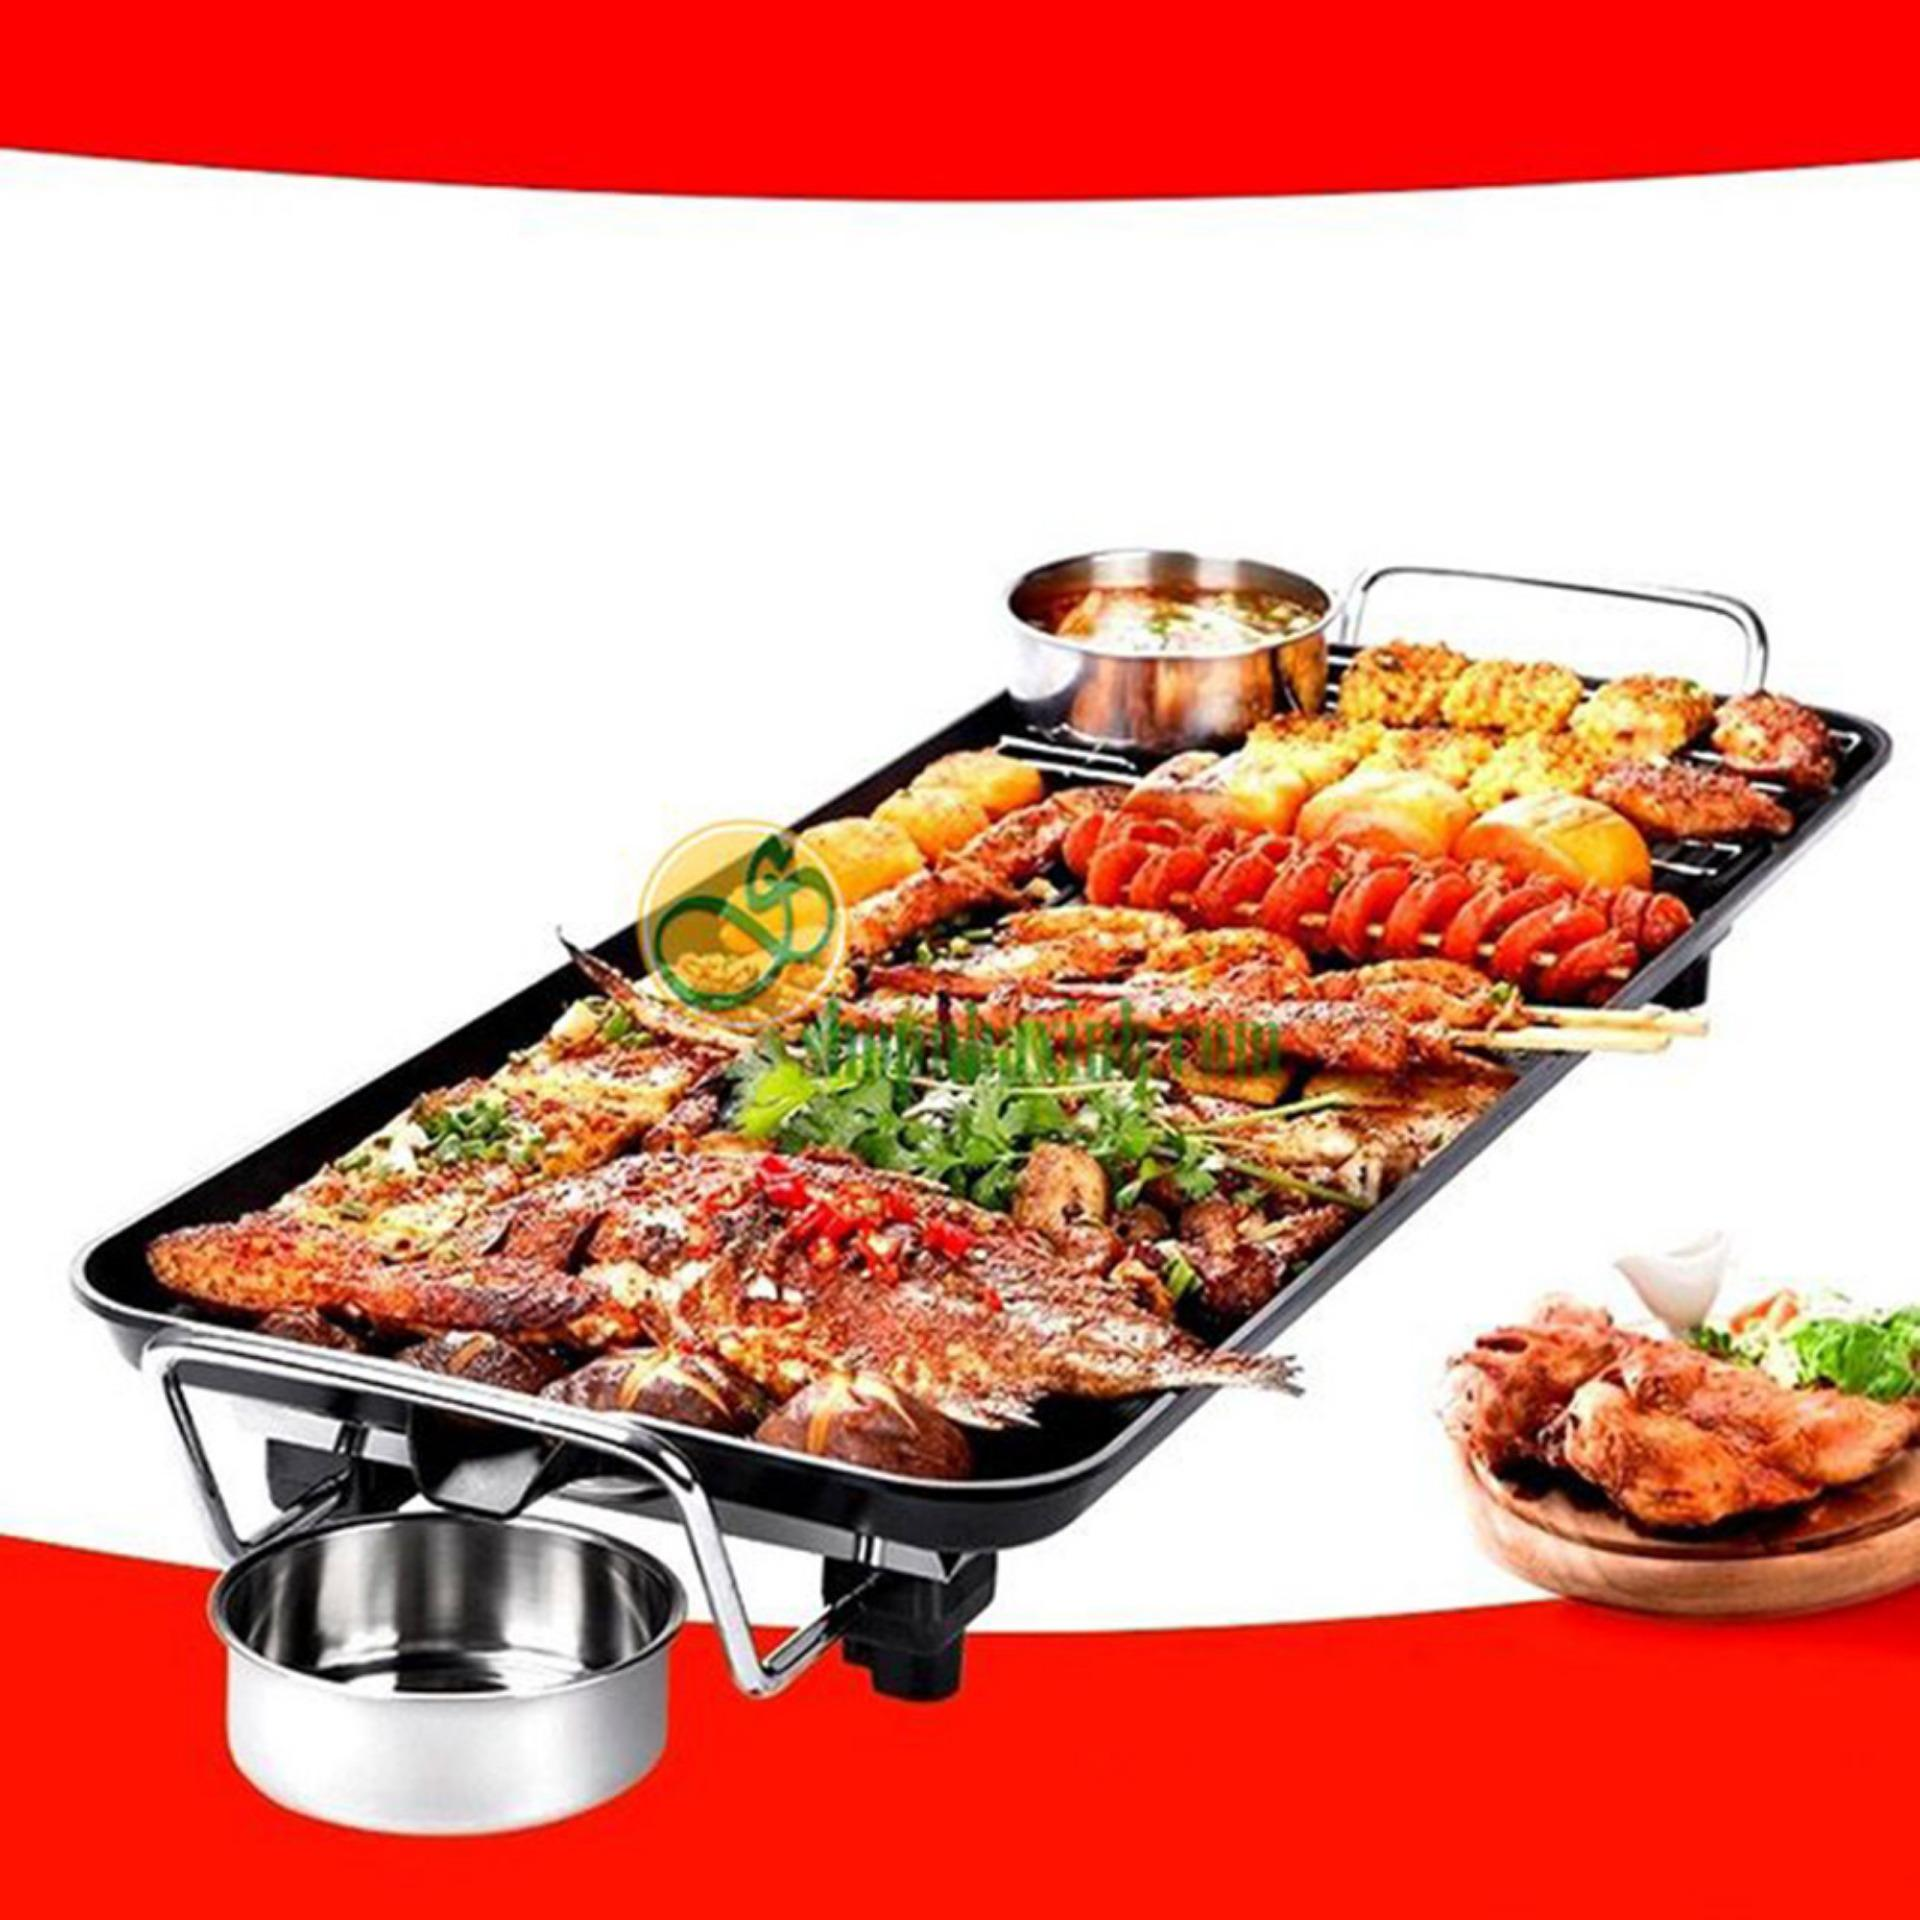 Nơi mua Bếp nướng than hoa giá rẻ, Bep nuong khong khoi gia re – Bếp nướng không khói SS69 – Dòng sản phẩm Cao cấp, loại kích thước lớn Mẫu 455 – Bh uy tín 1 đổi 1 bởi TECH-ONE